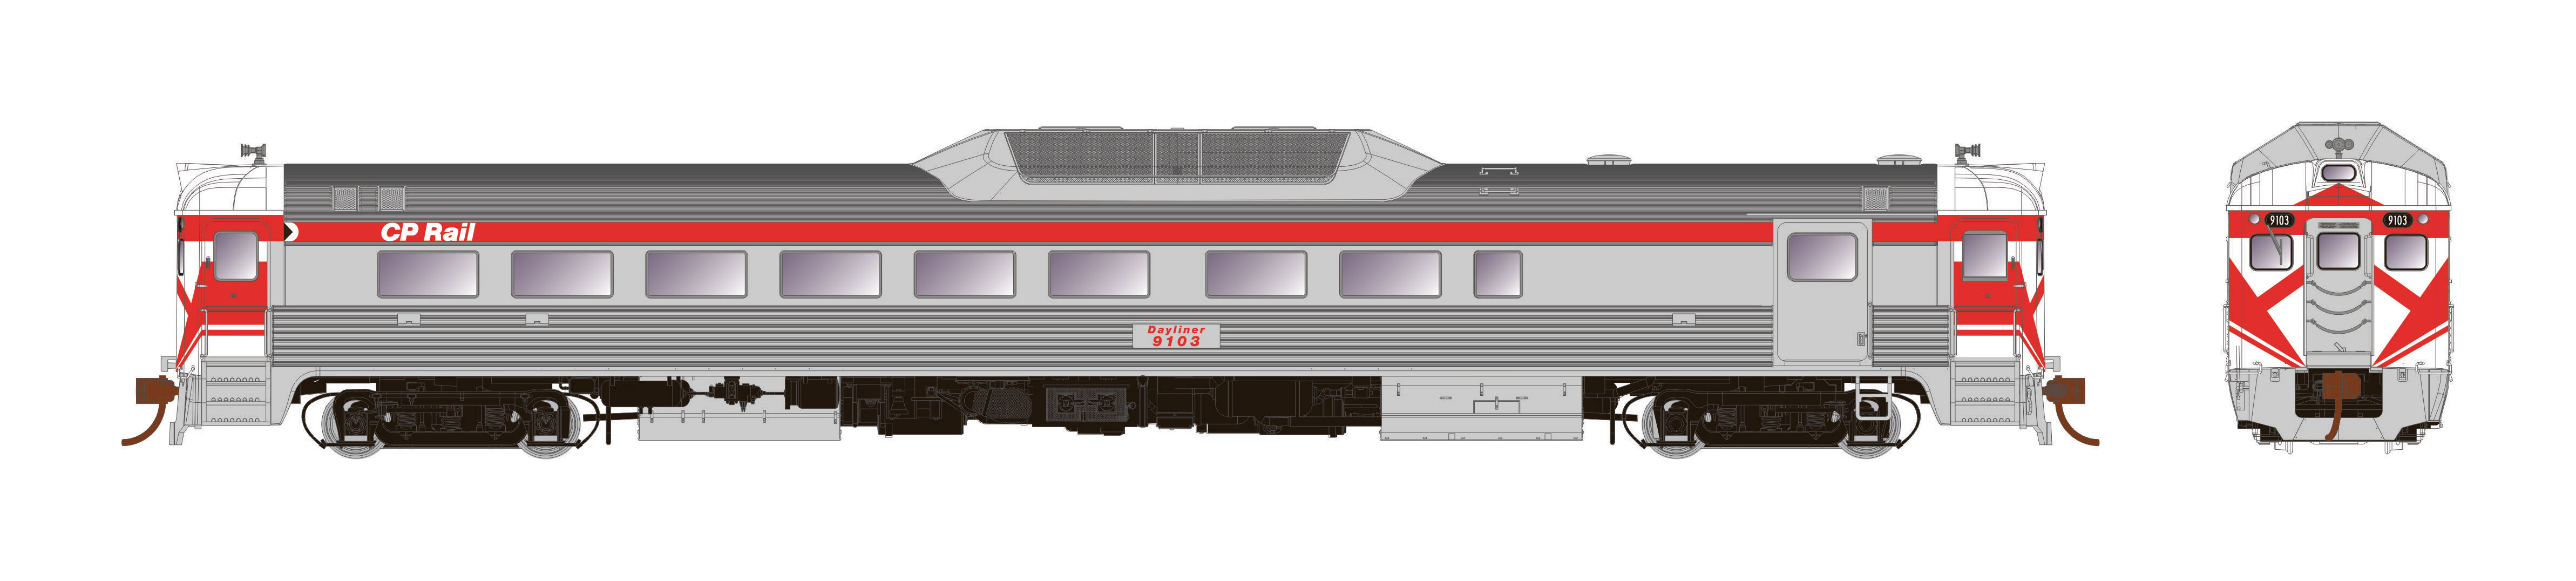 Rapido Trains 16224 - HO Budd RDC-2 - PH2 - DC - CP Rail #9112